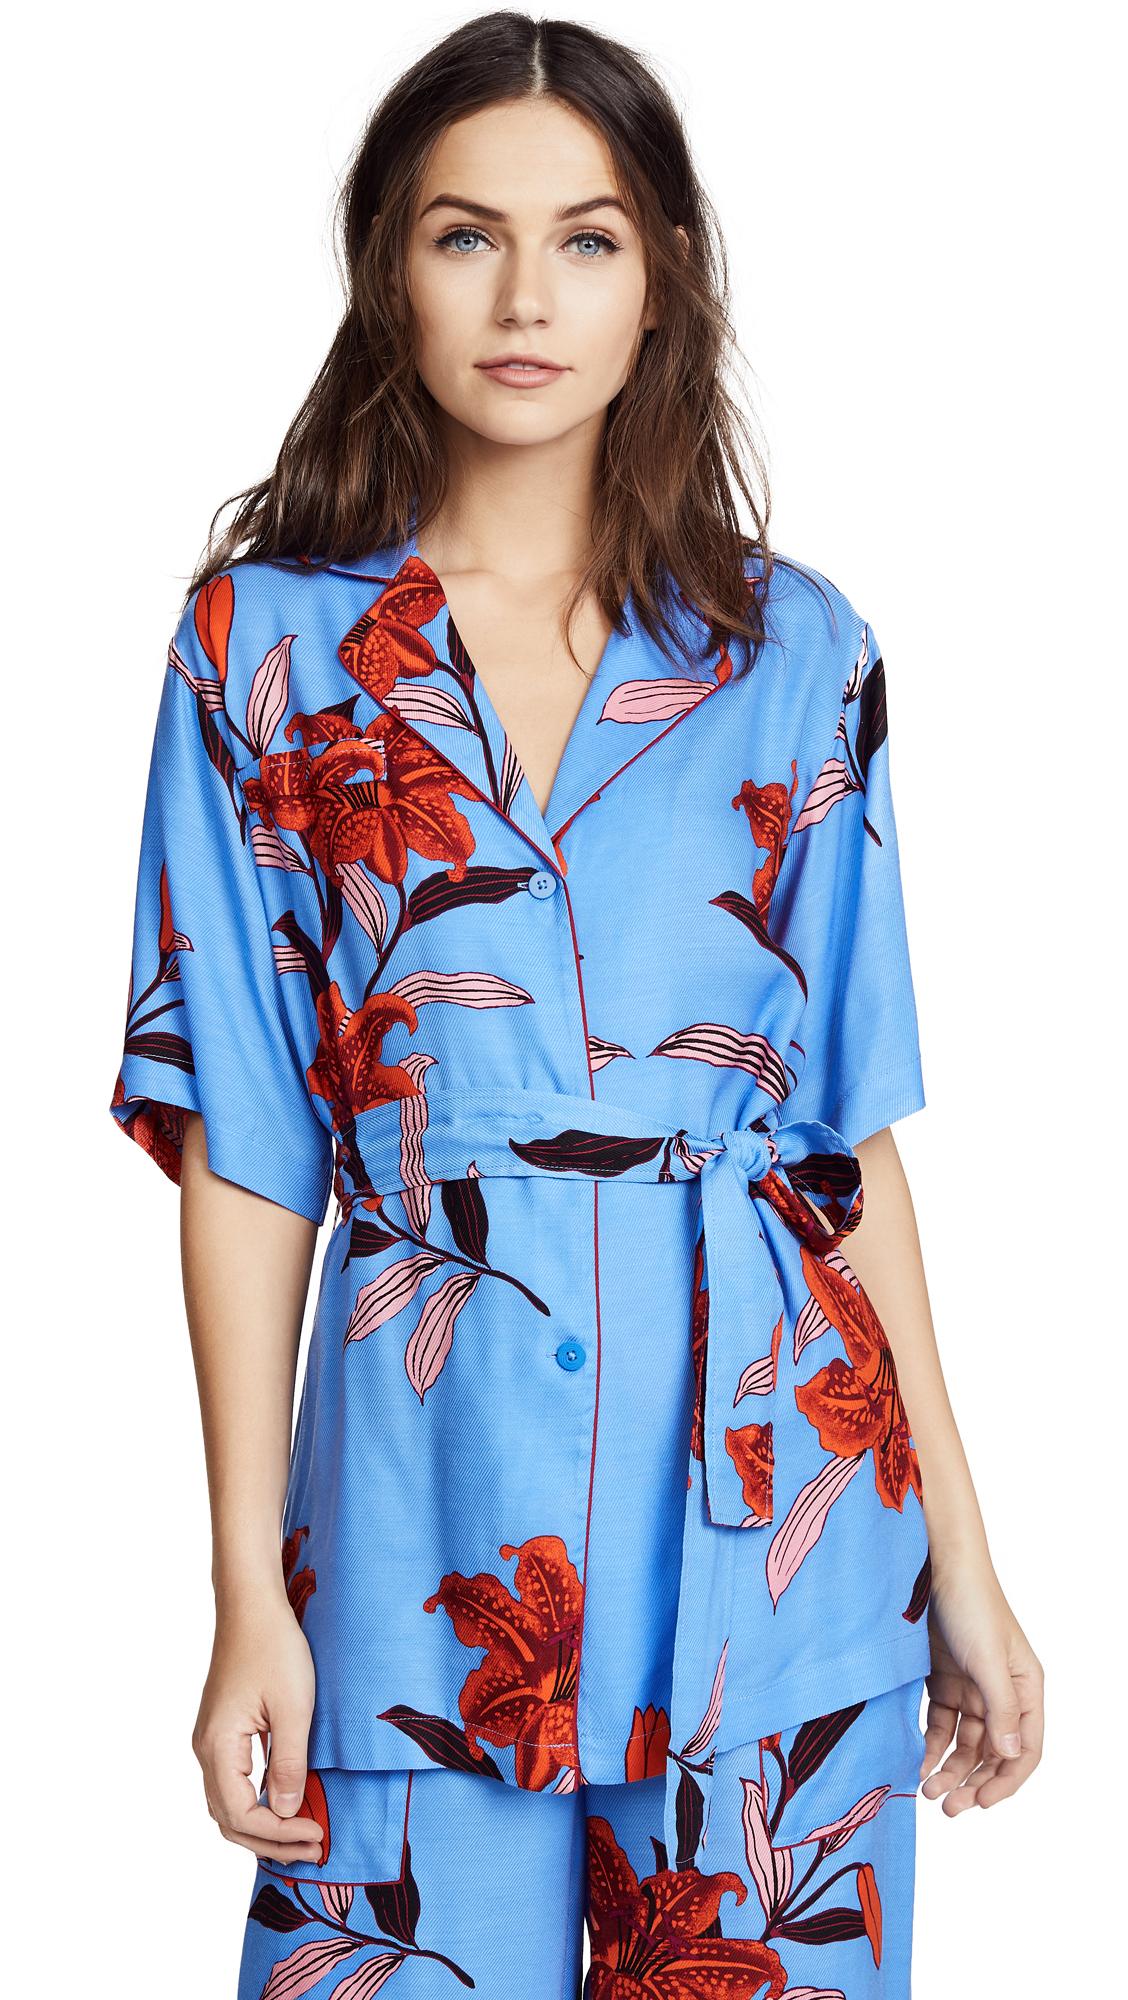 Diane von Furstenberg Short Sleeve Cinched Waist Top